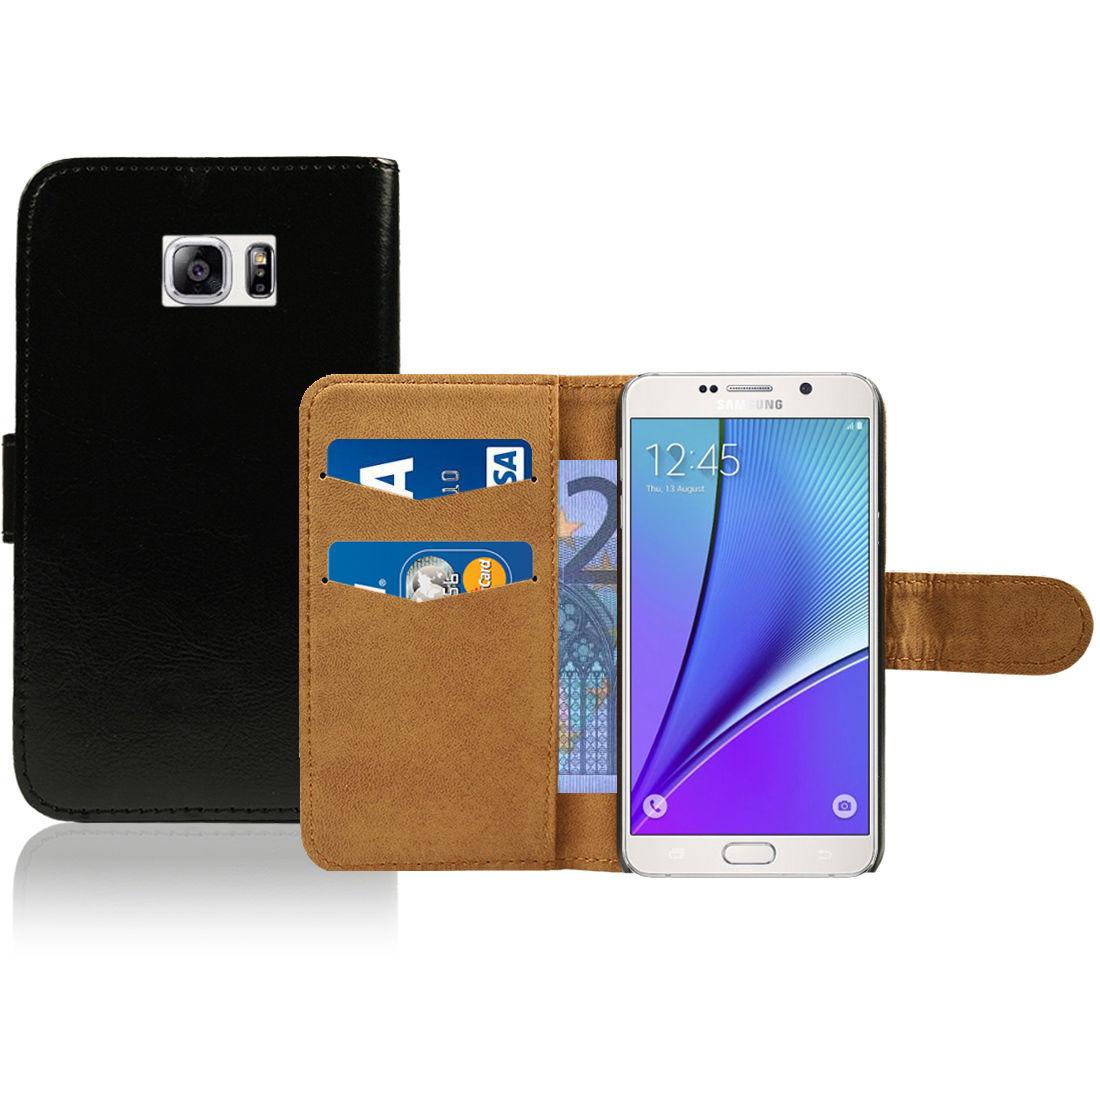 Pouzdro pro Samsung Galaxy Note 5 černé